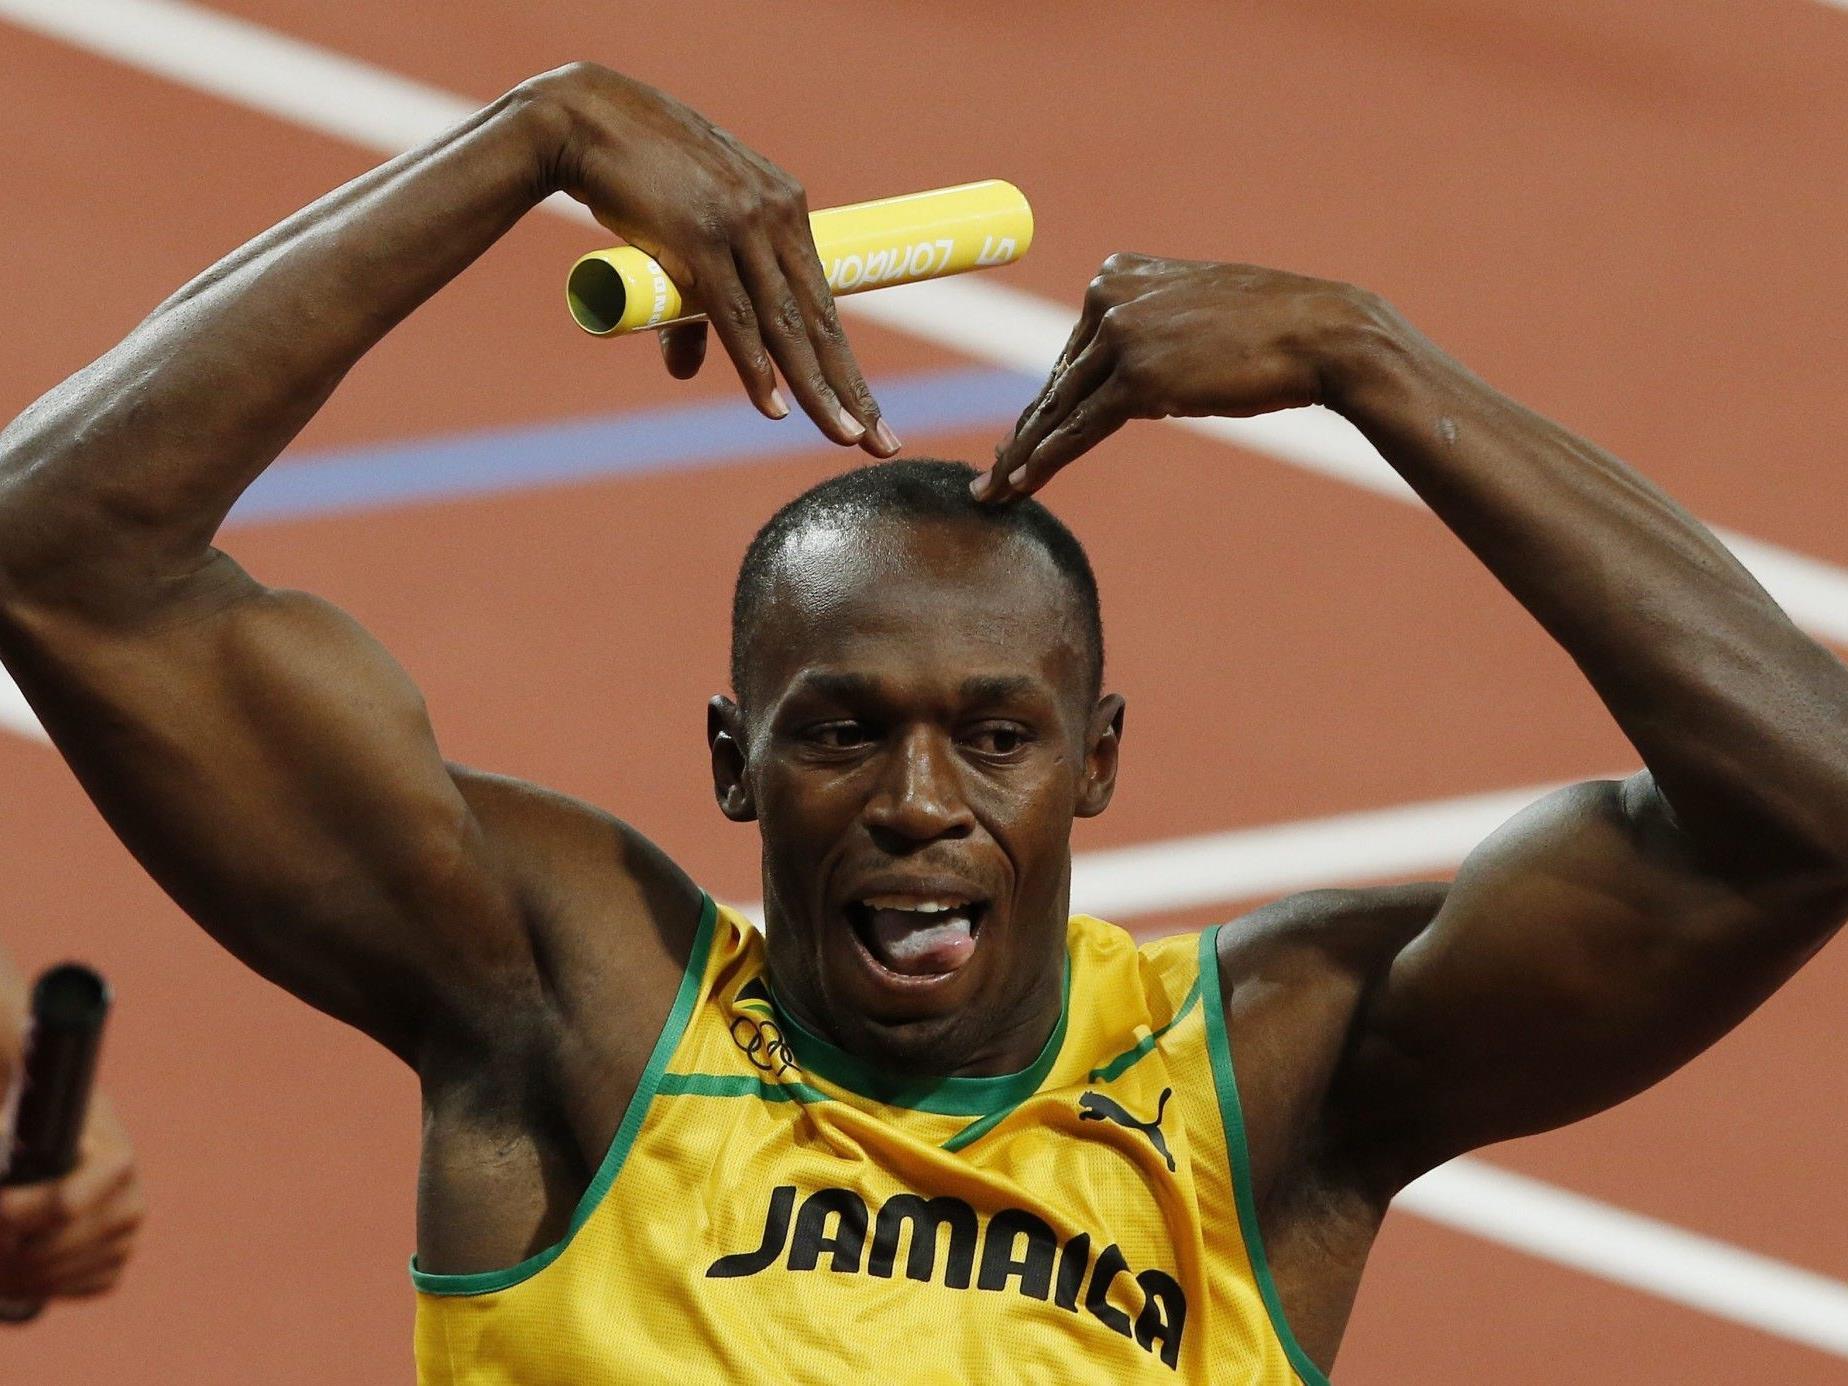 Usain Bolt, der Sprint-Star aus Jamaika, holte wie 2008 in Peking dreimal Gold.